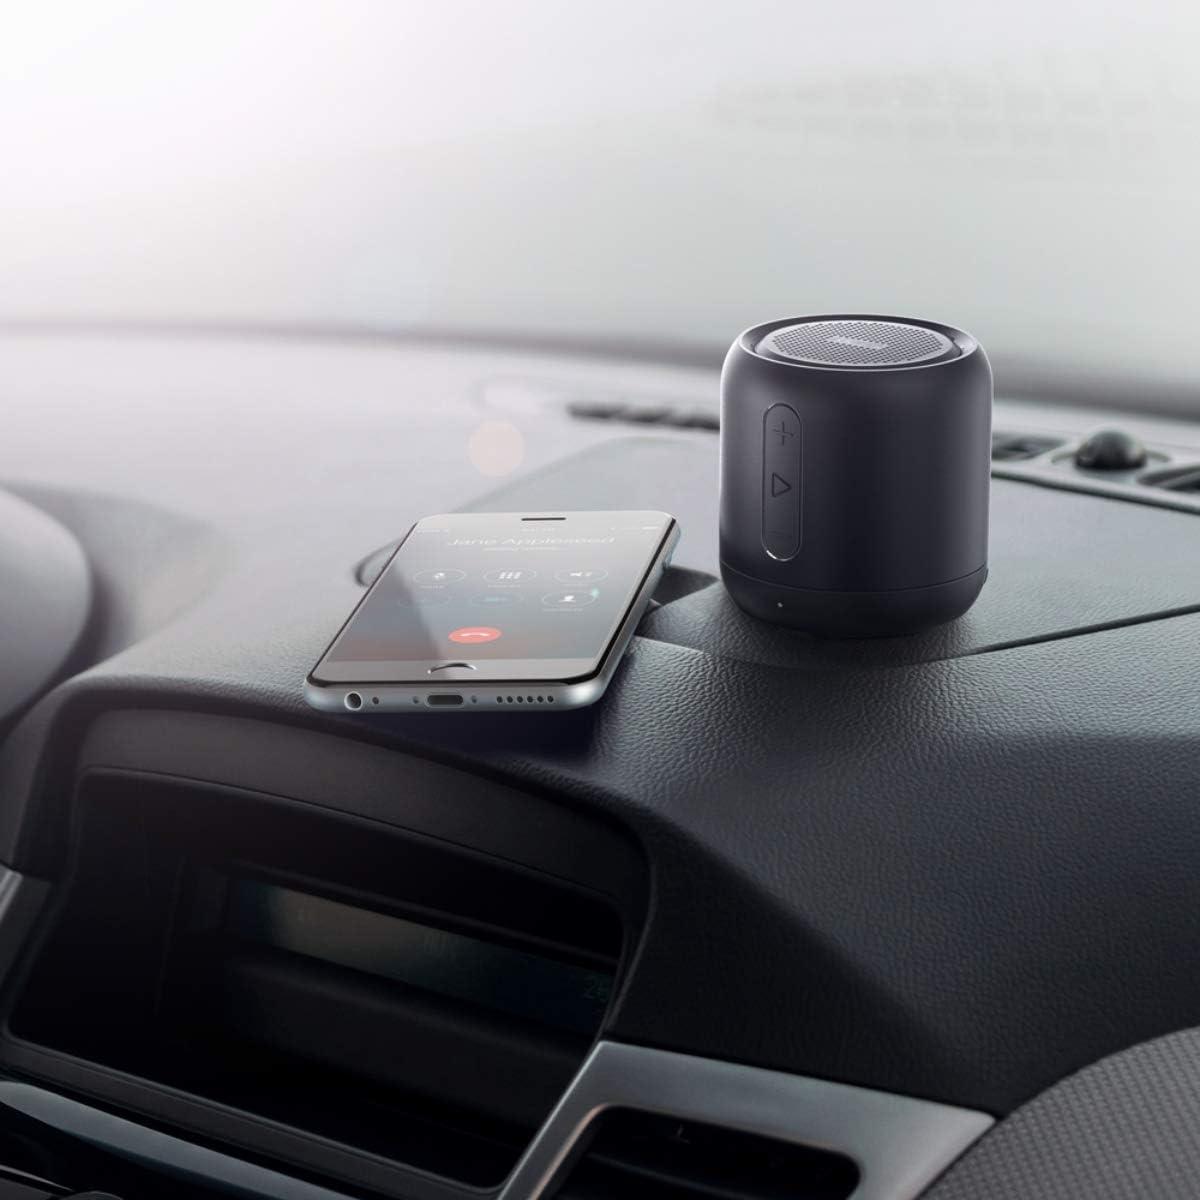 Anker SoundCore mini Enceinte Bluetooth - Test & Avis - Les Meilleures Enceintes Avis.fr